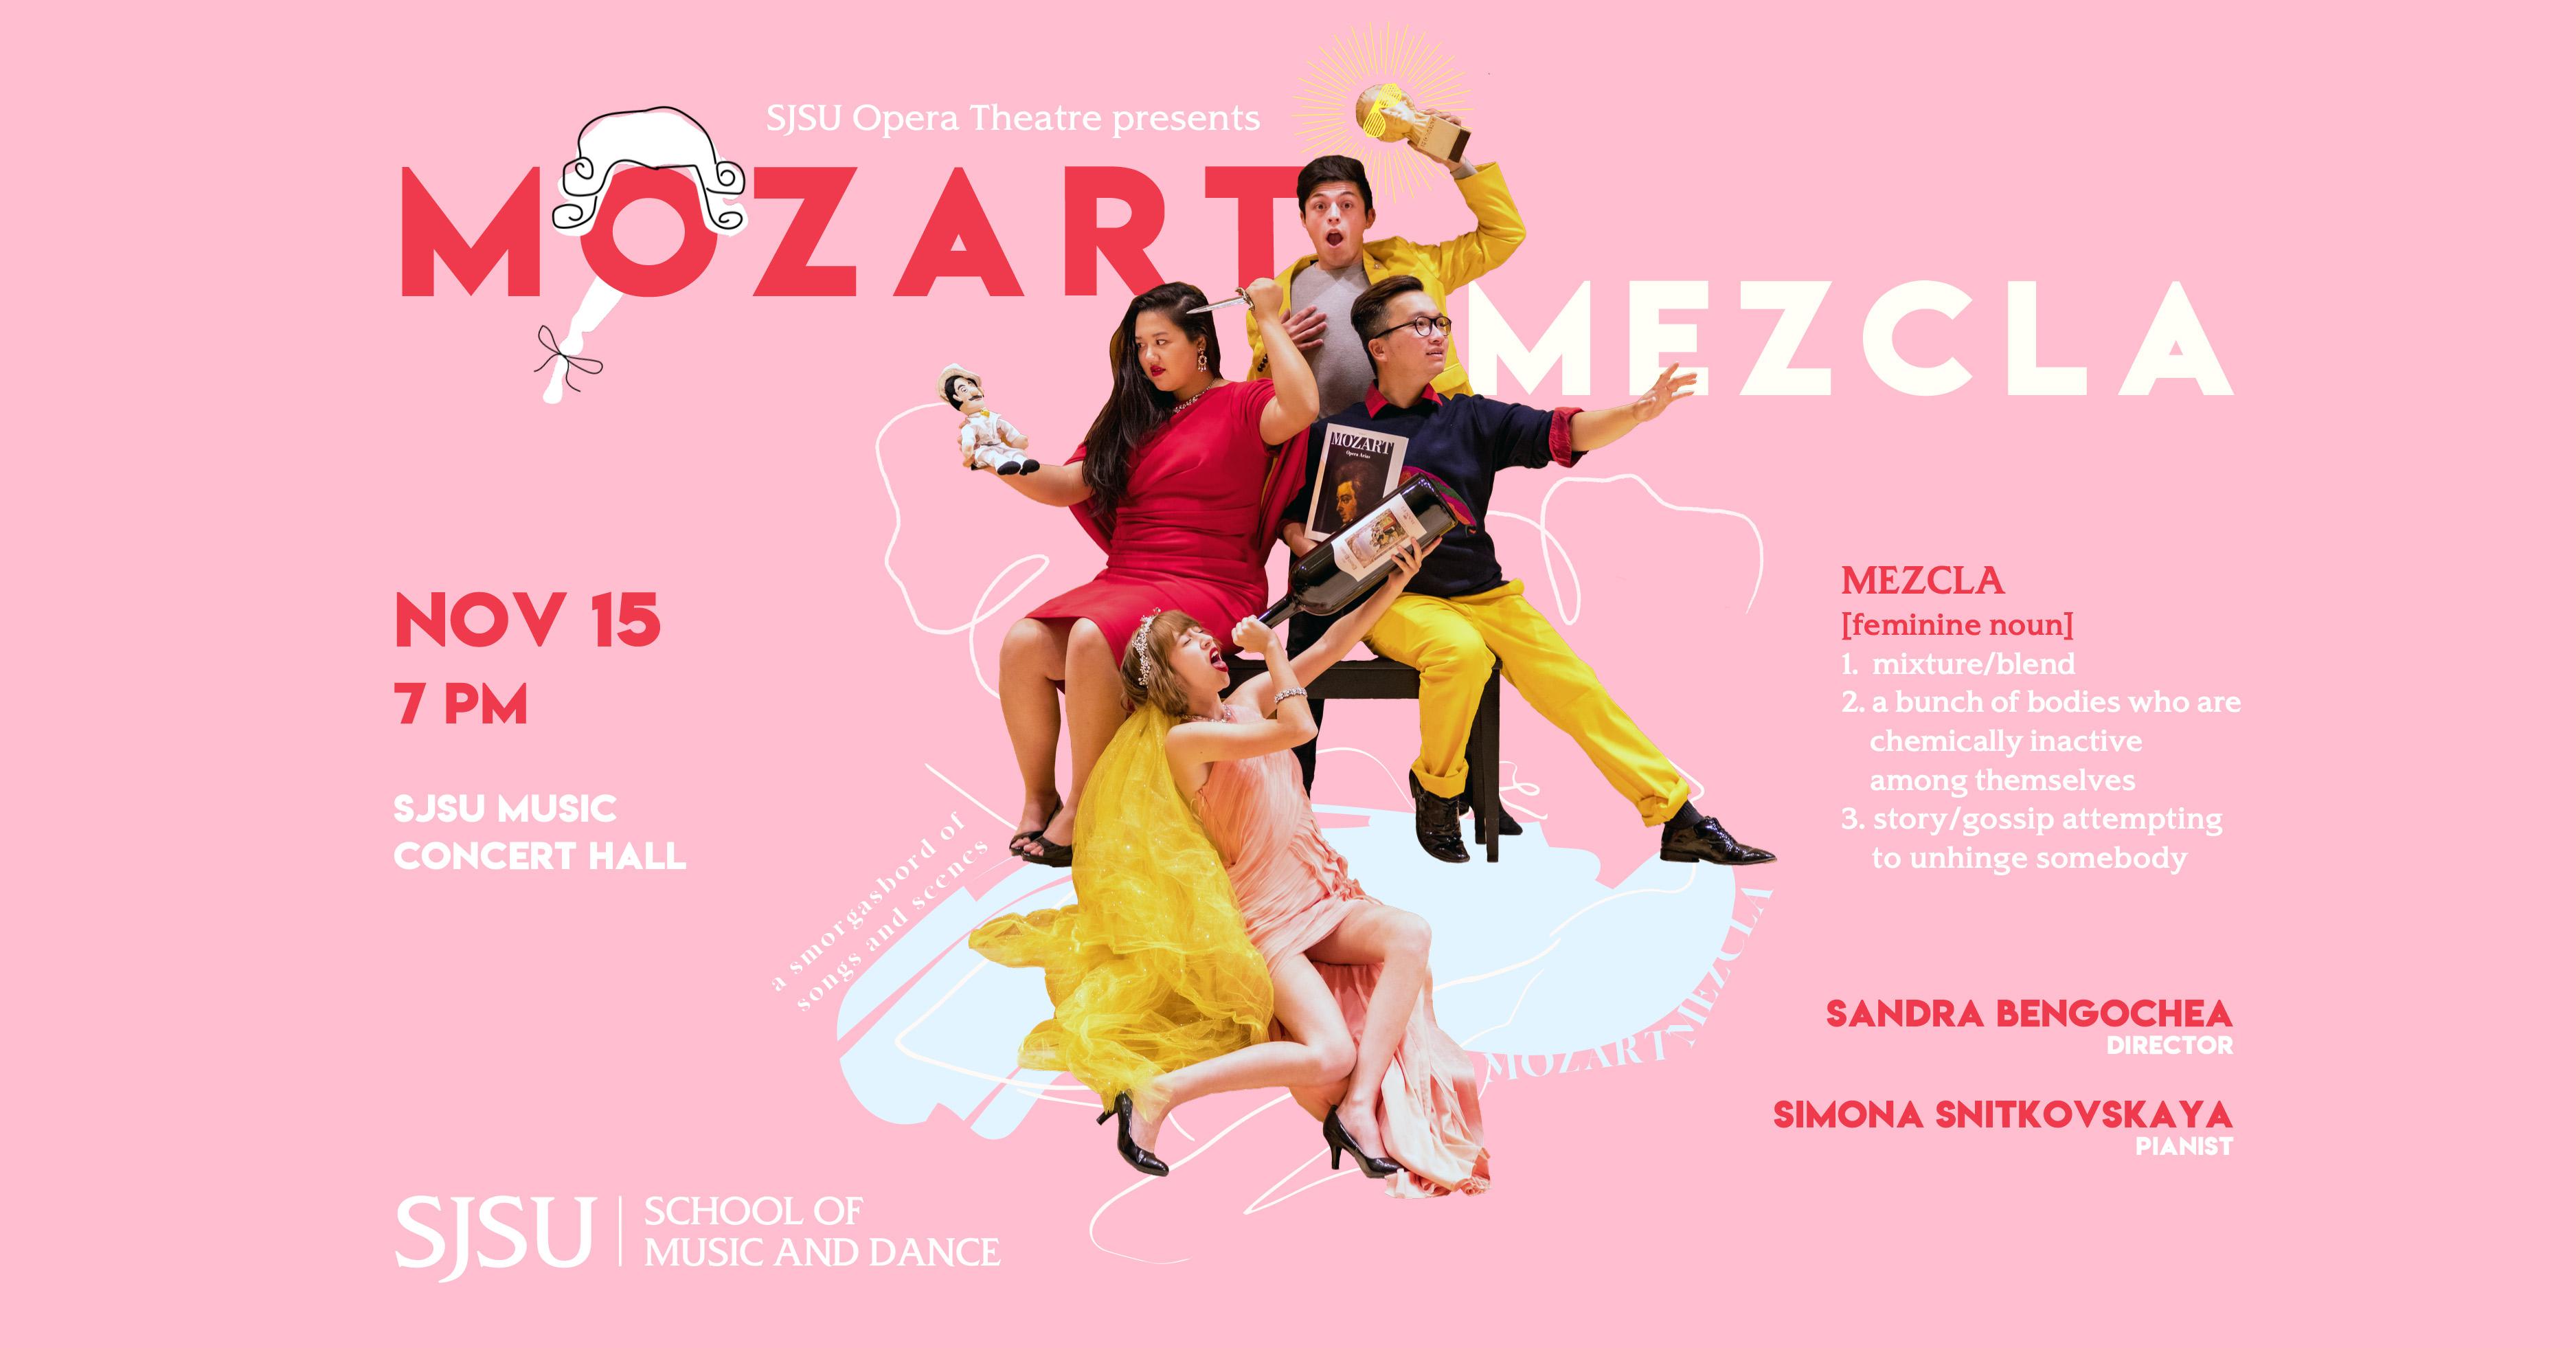 Mozart Mezcla - Opera Theatre